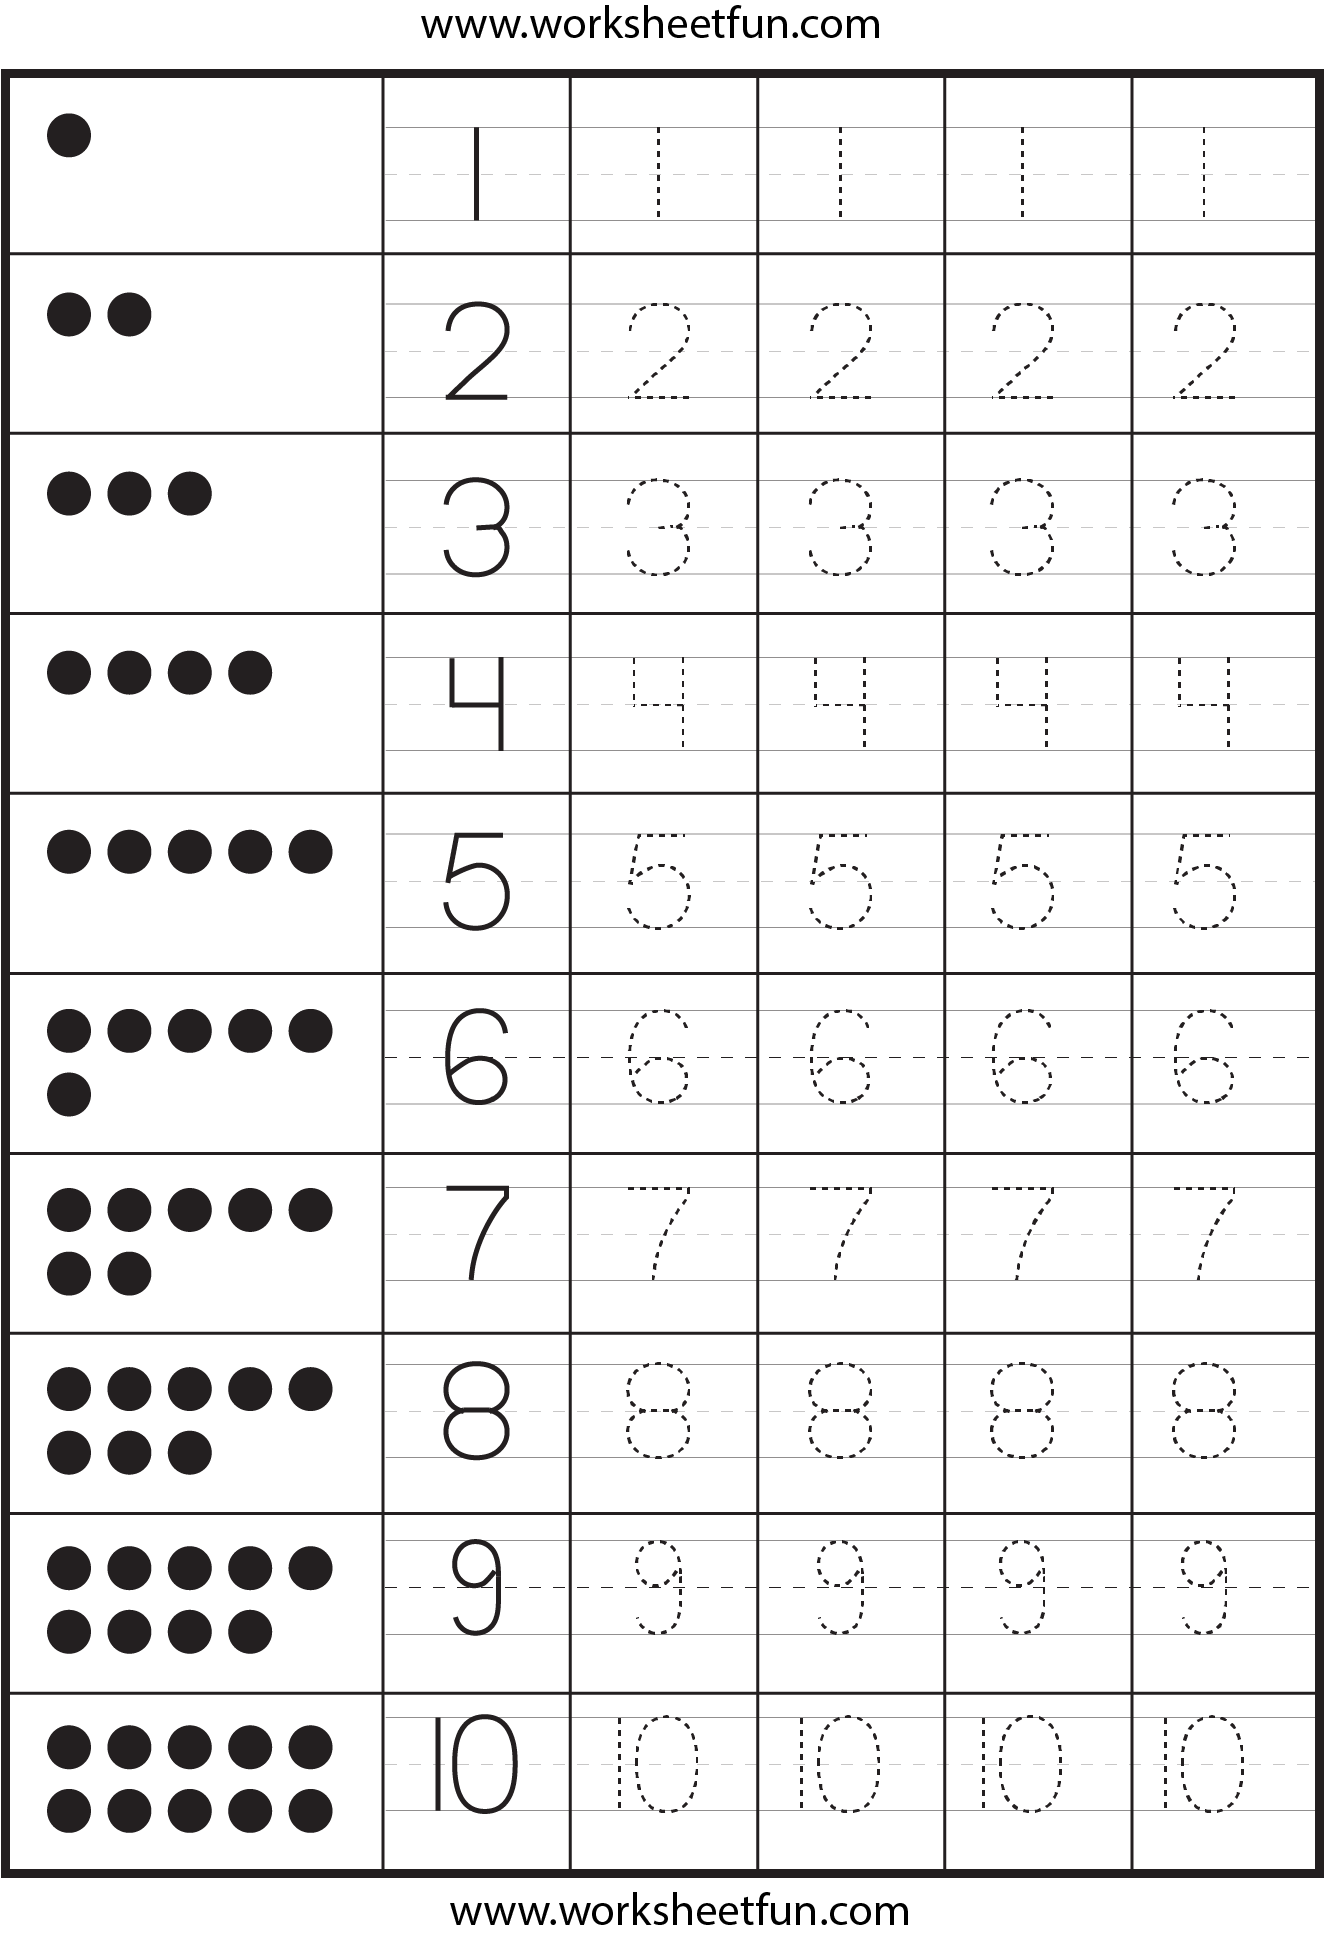 Number Tracing 2 Worksheets Free Printable Worksheets